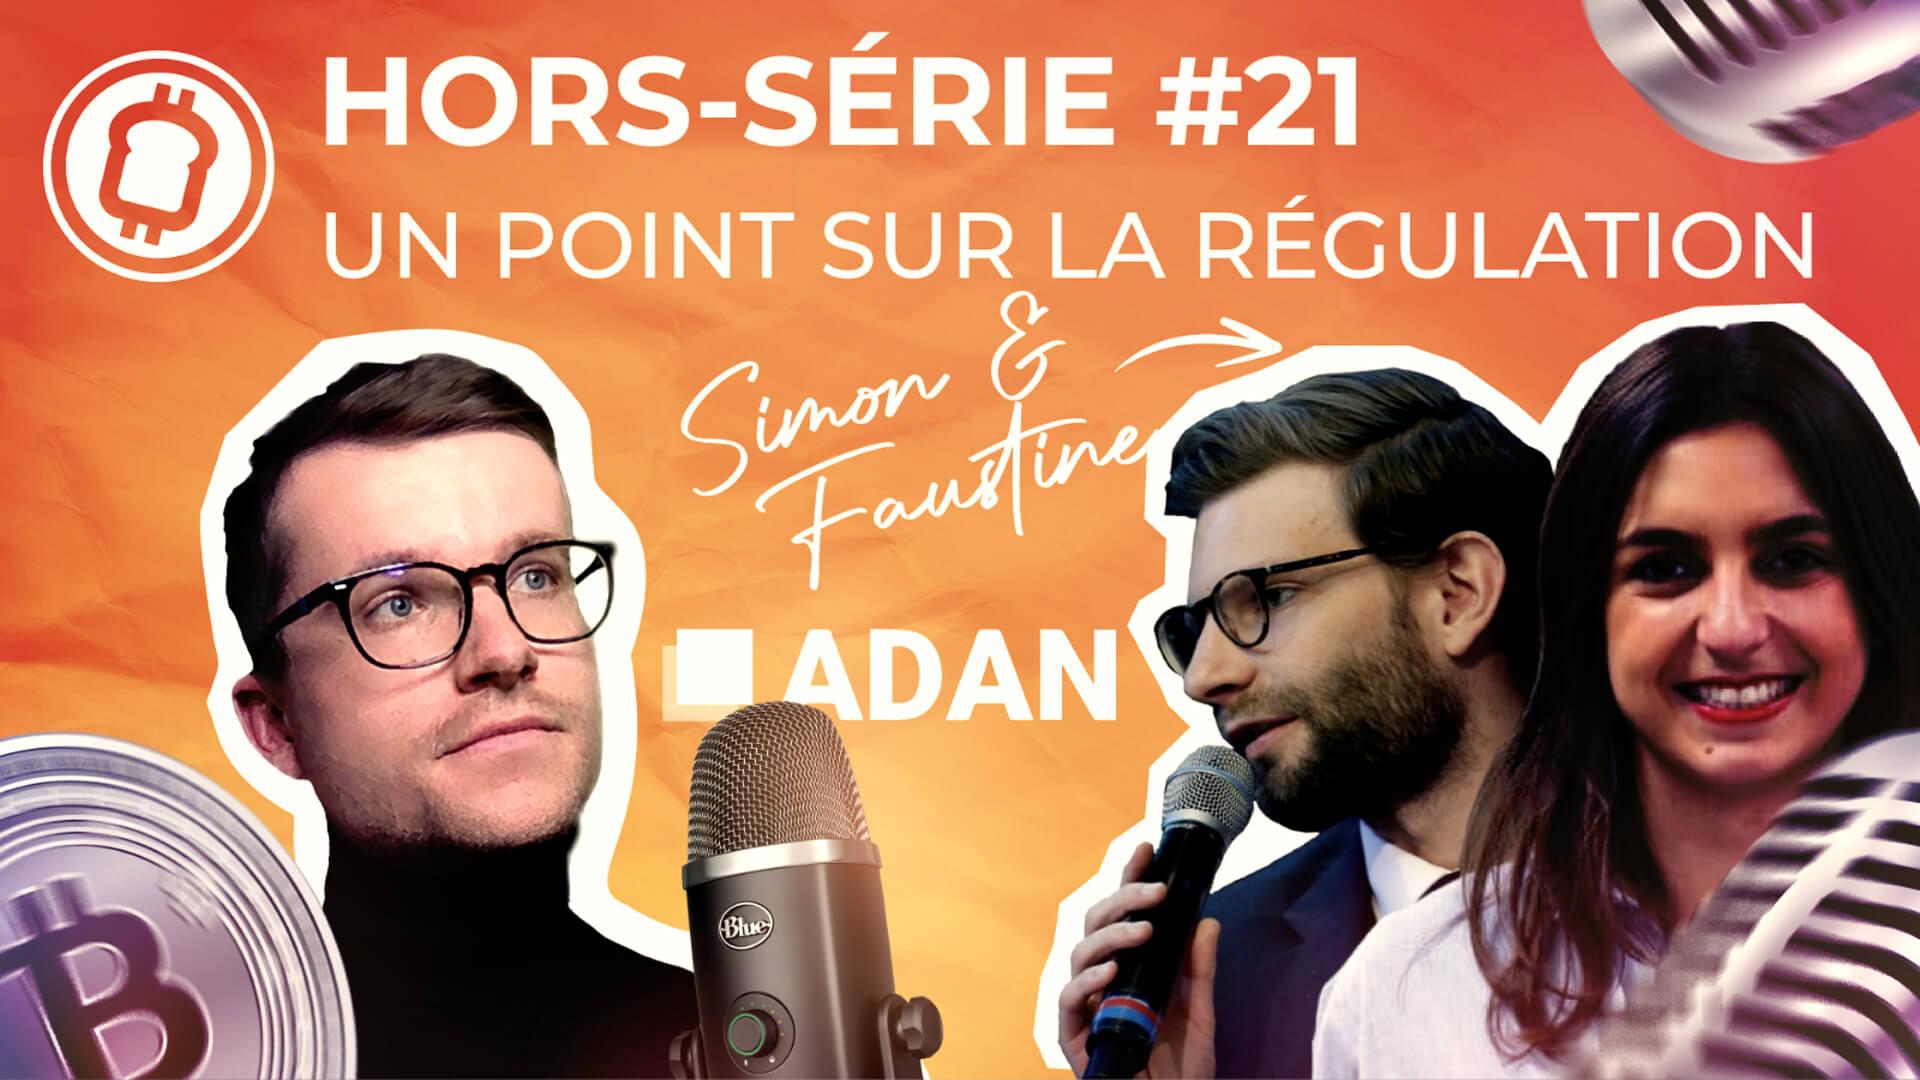 Podcast hors-série #21 - Régulation crypto et blockchain ; où en est-on en Europe ? Avec l'ADAN